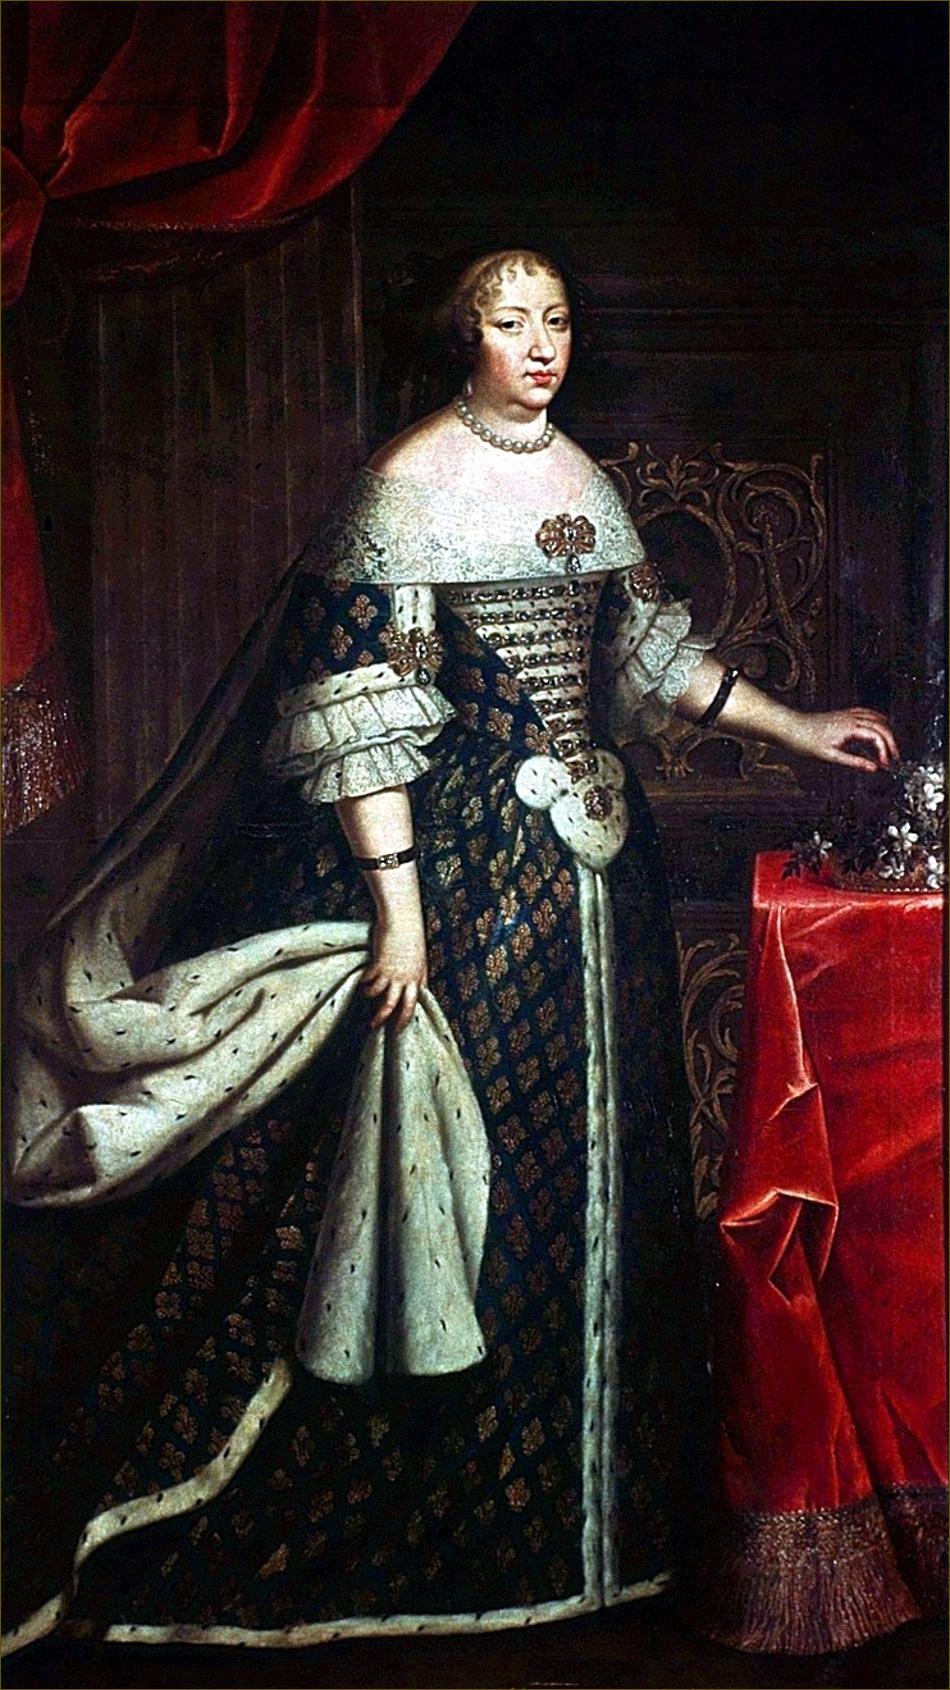 Anne d'Autriche, infante d'Espagne, reine de France, en costume royal, vers 1650, copie autrichienne d'après Beaubrun